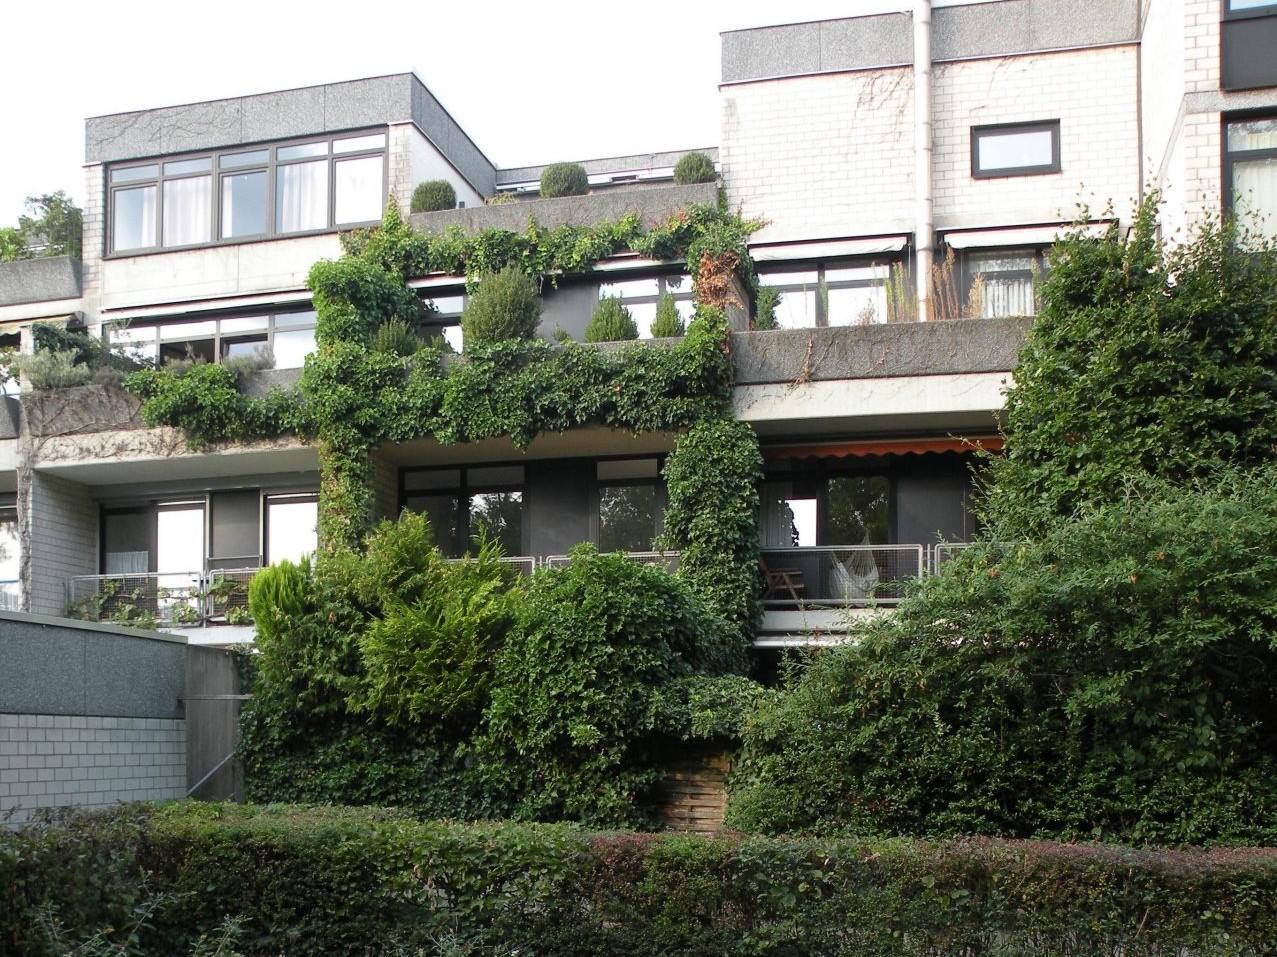 Kinderhaus: Wohnanlage Arnethstraße - Foto: Stefan Rethfeld